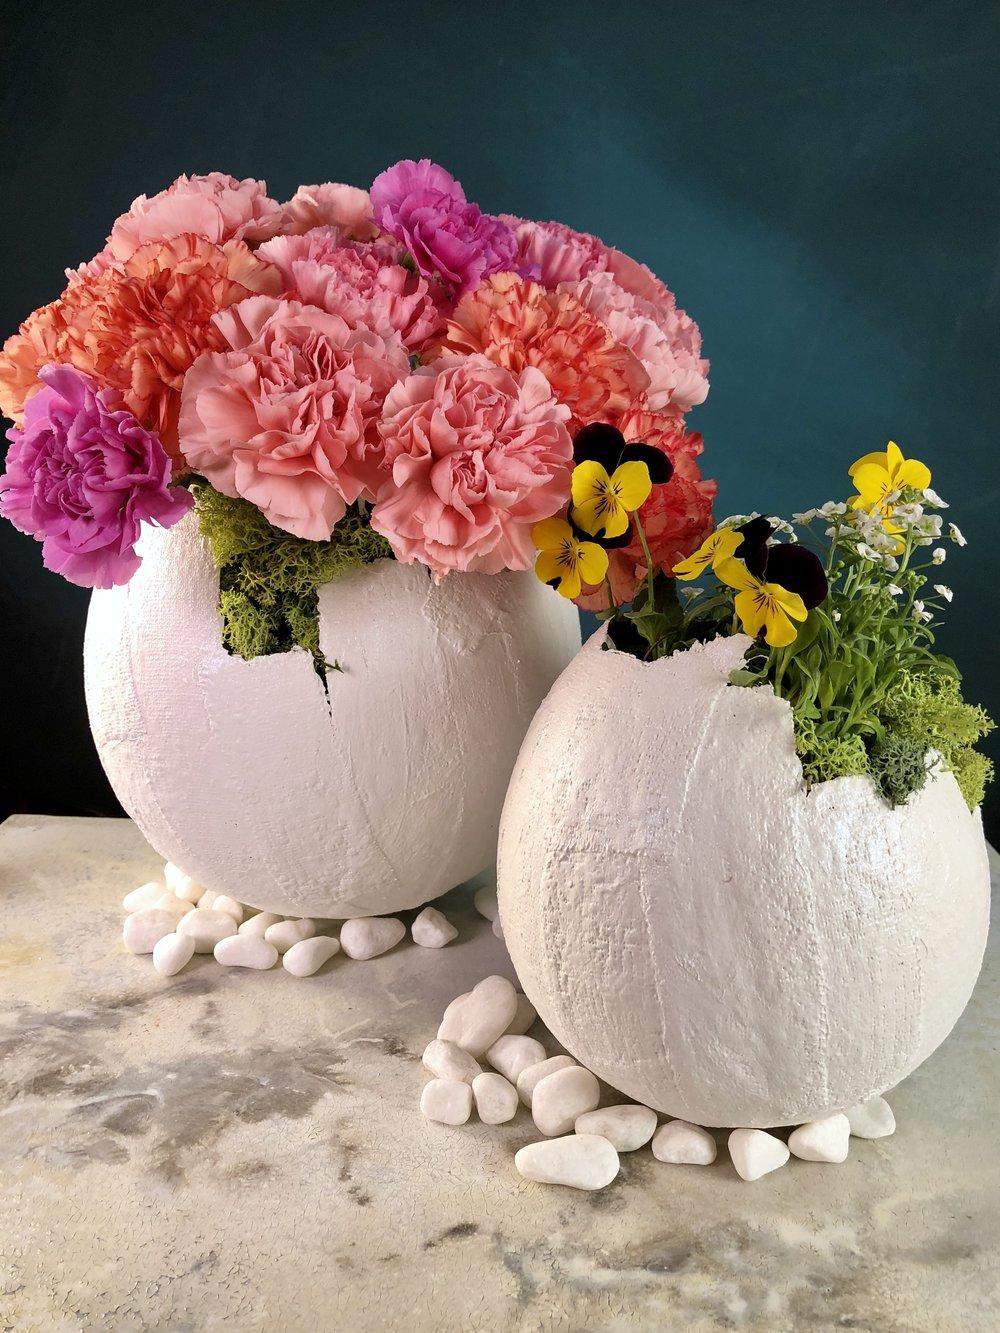 Plaster Easter Egg Vases